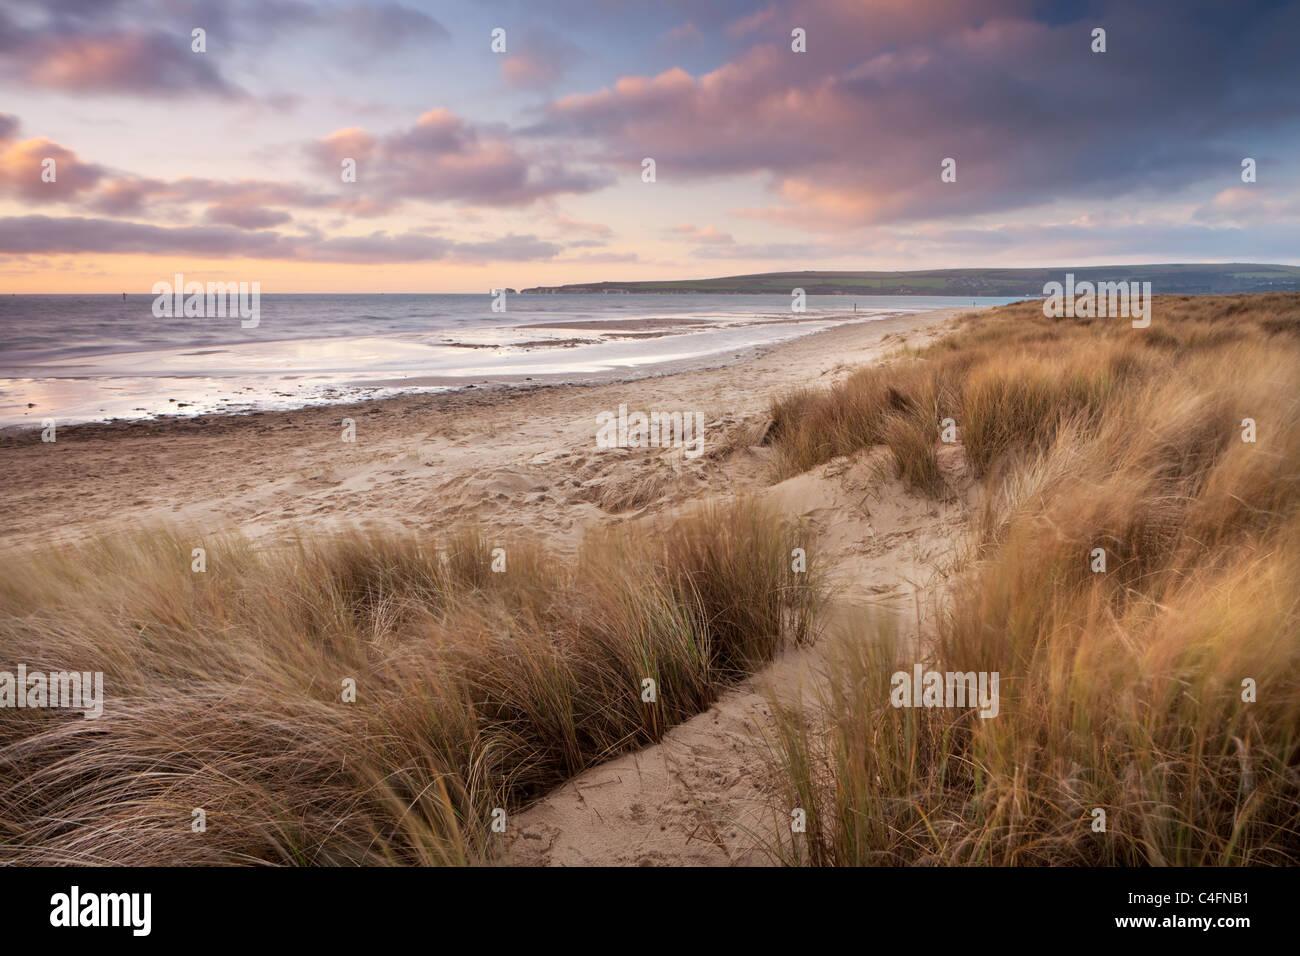 Verwehte Sanddünen am Strand von Studland Bay, Dorset, England. Winter (Februar) 2011. Stockfoto